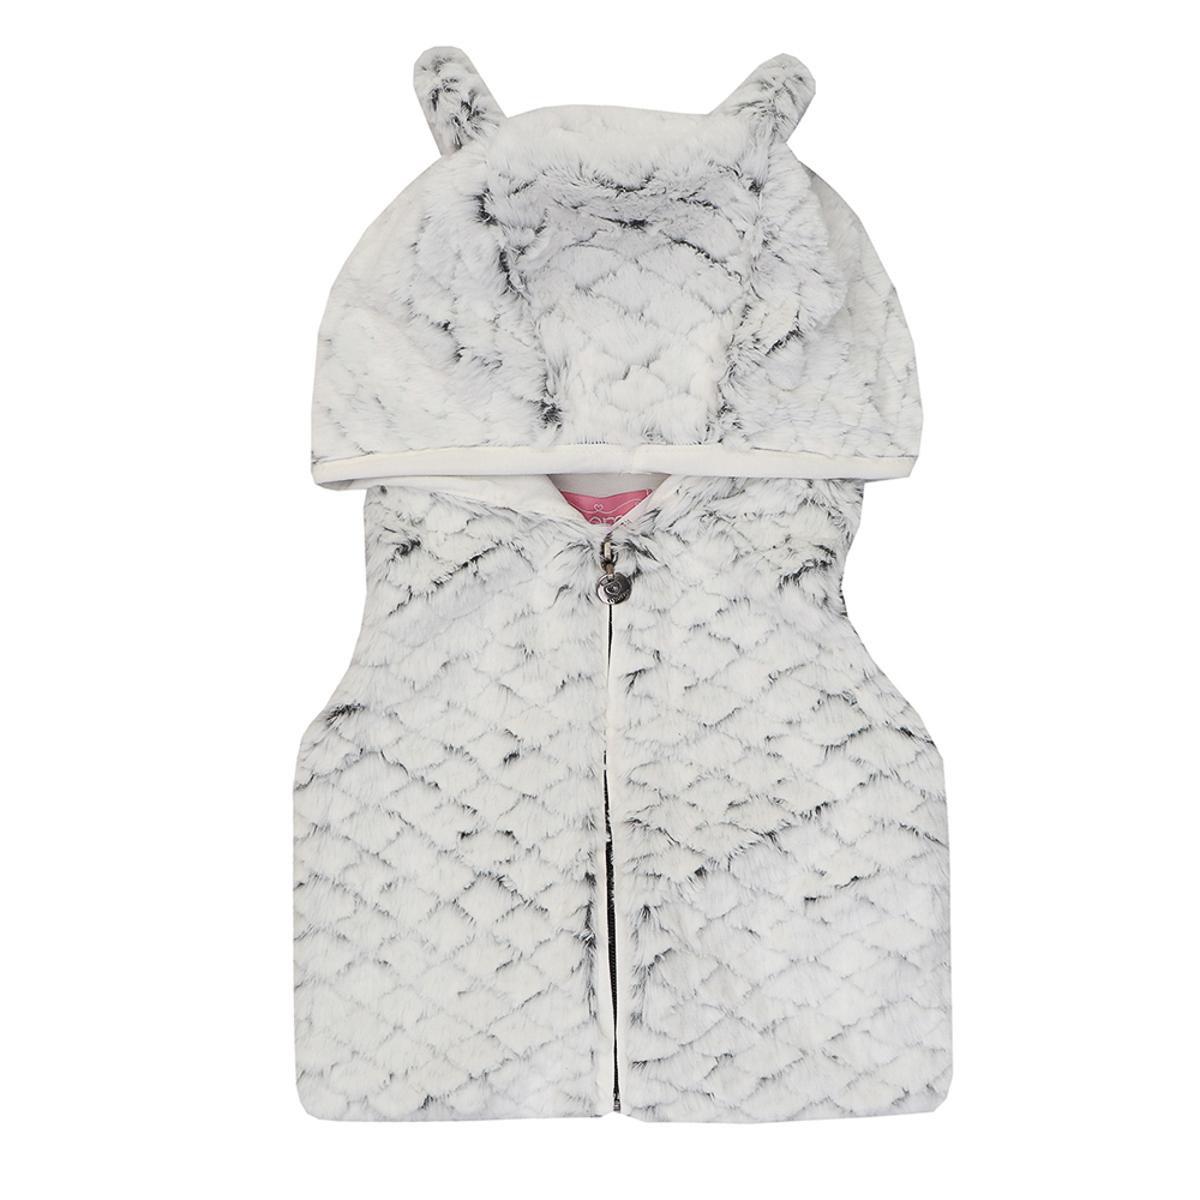 Colete Infantil Momi com Orelhinhas Feminina - Branco - Compre Agora ... 387740d7334c8